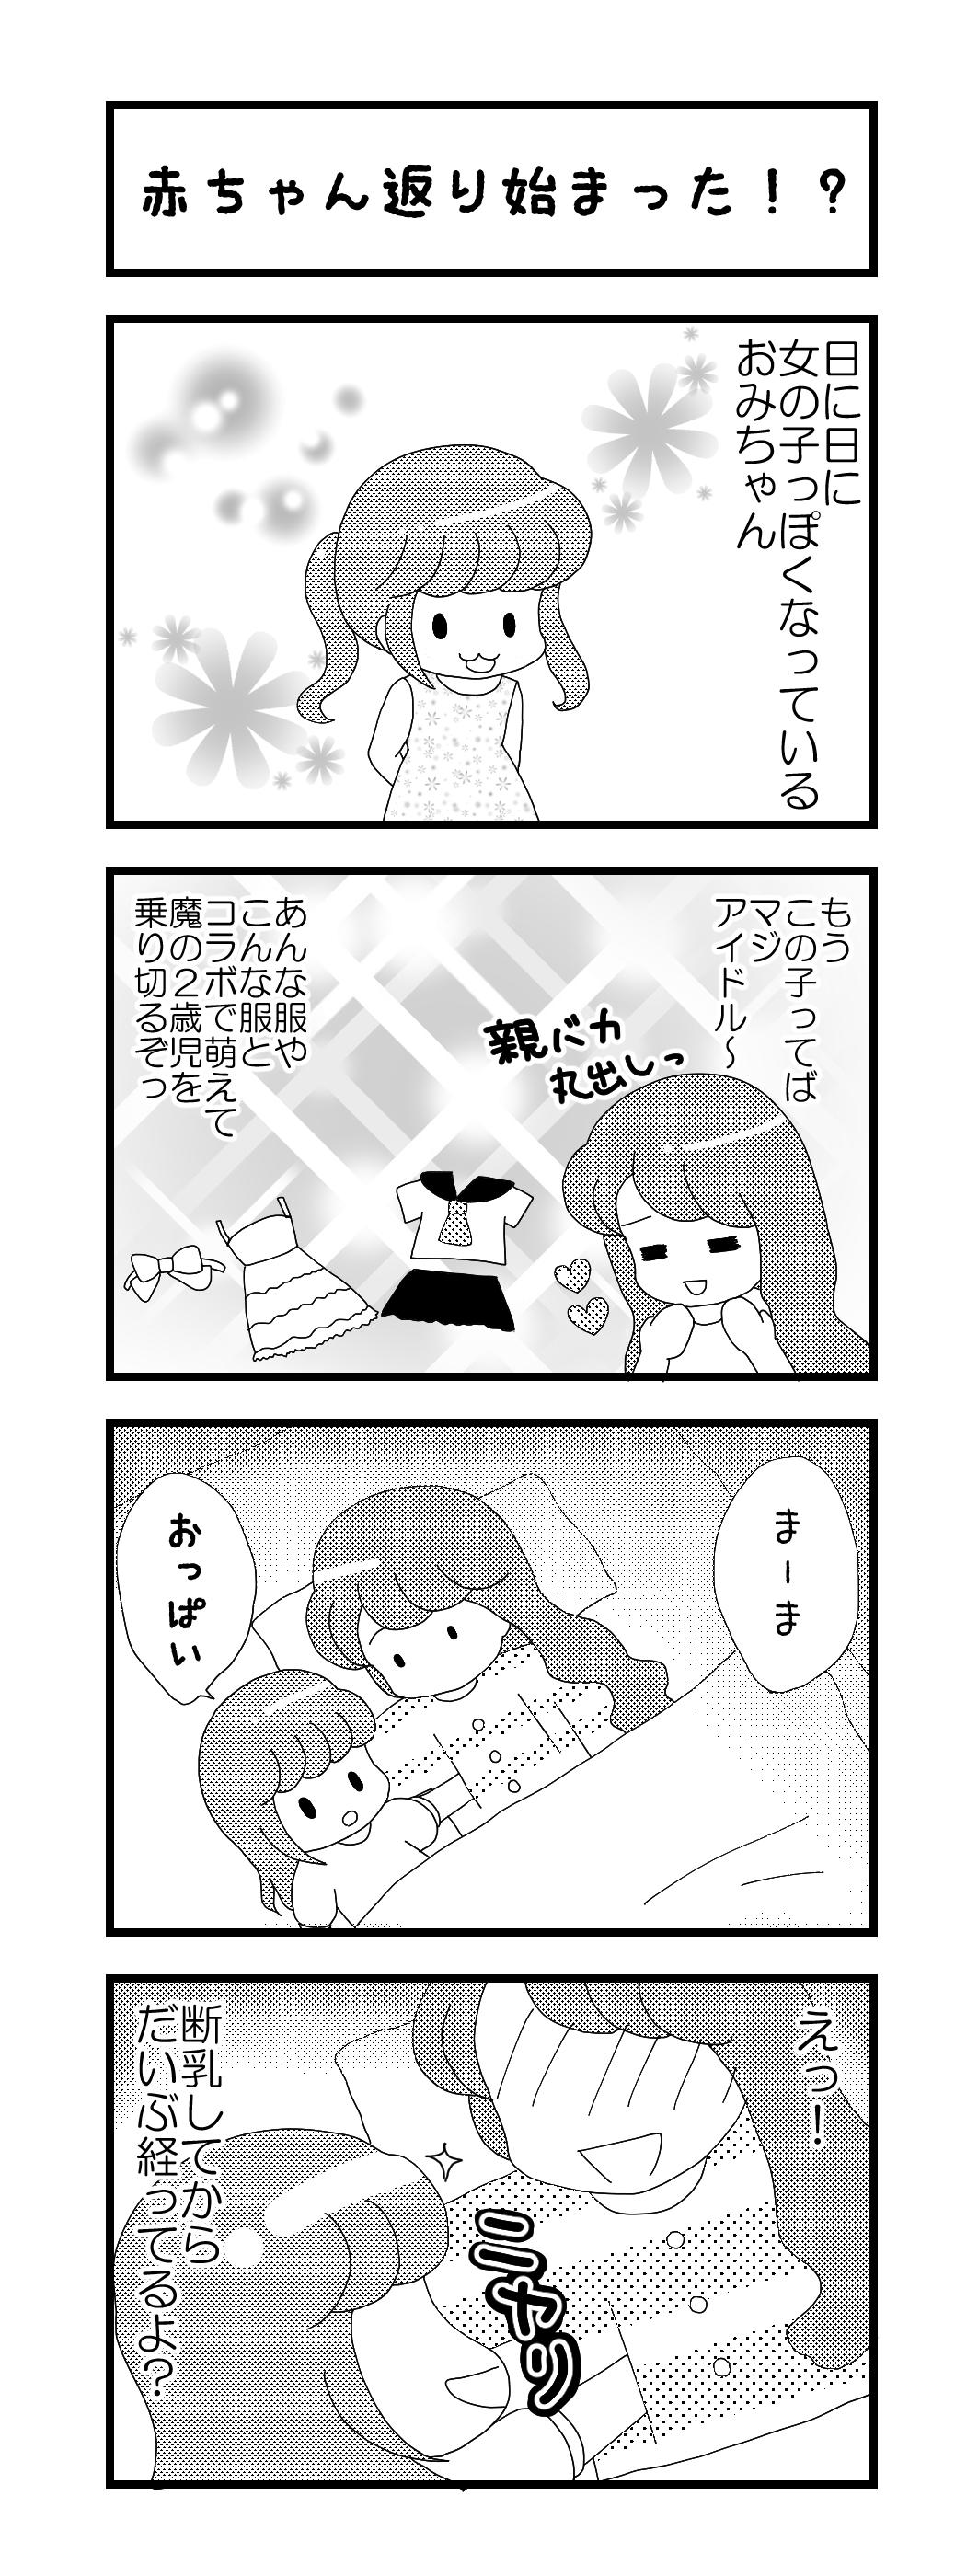 赤ちゃん返り2-1